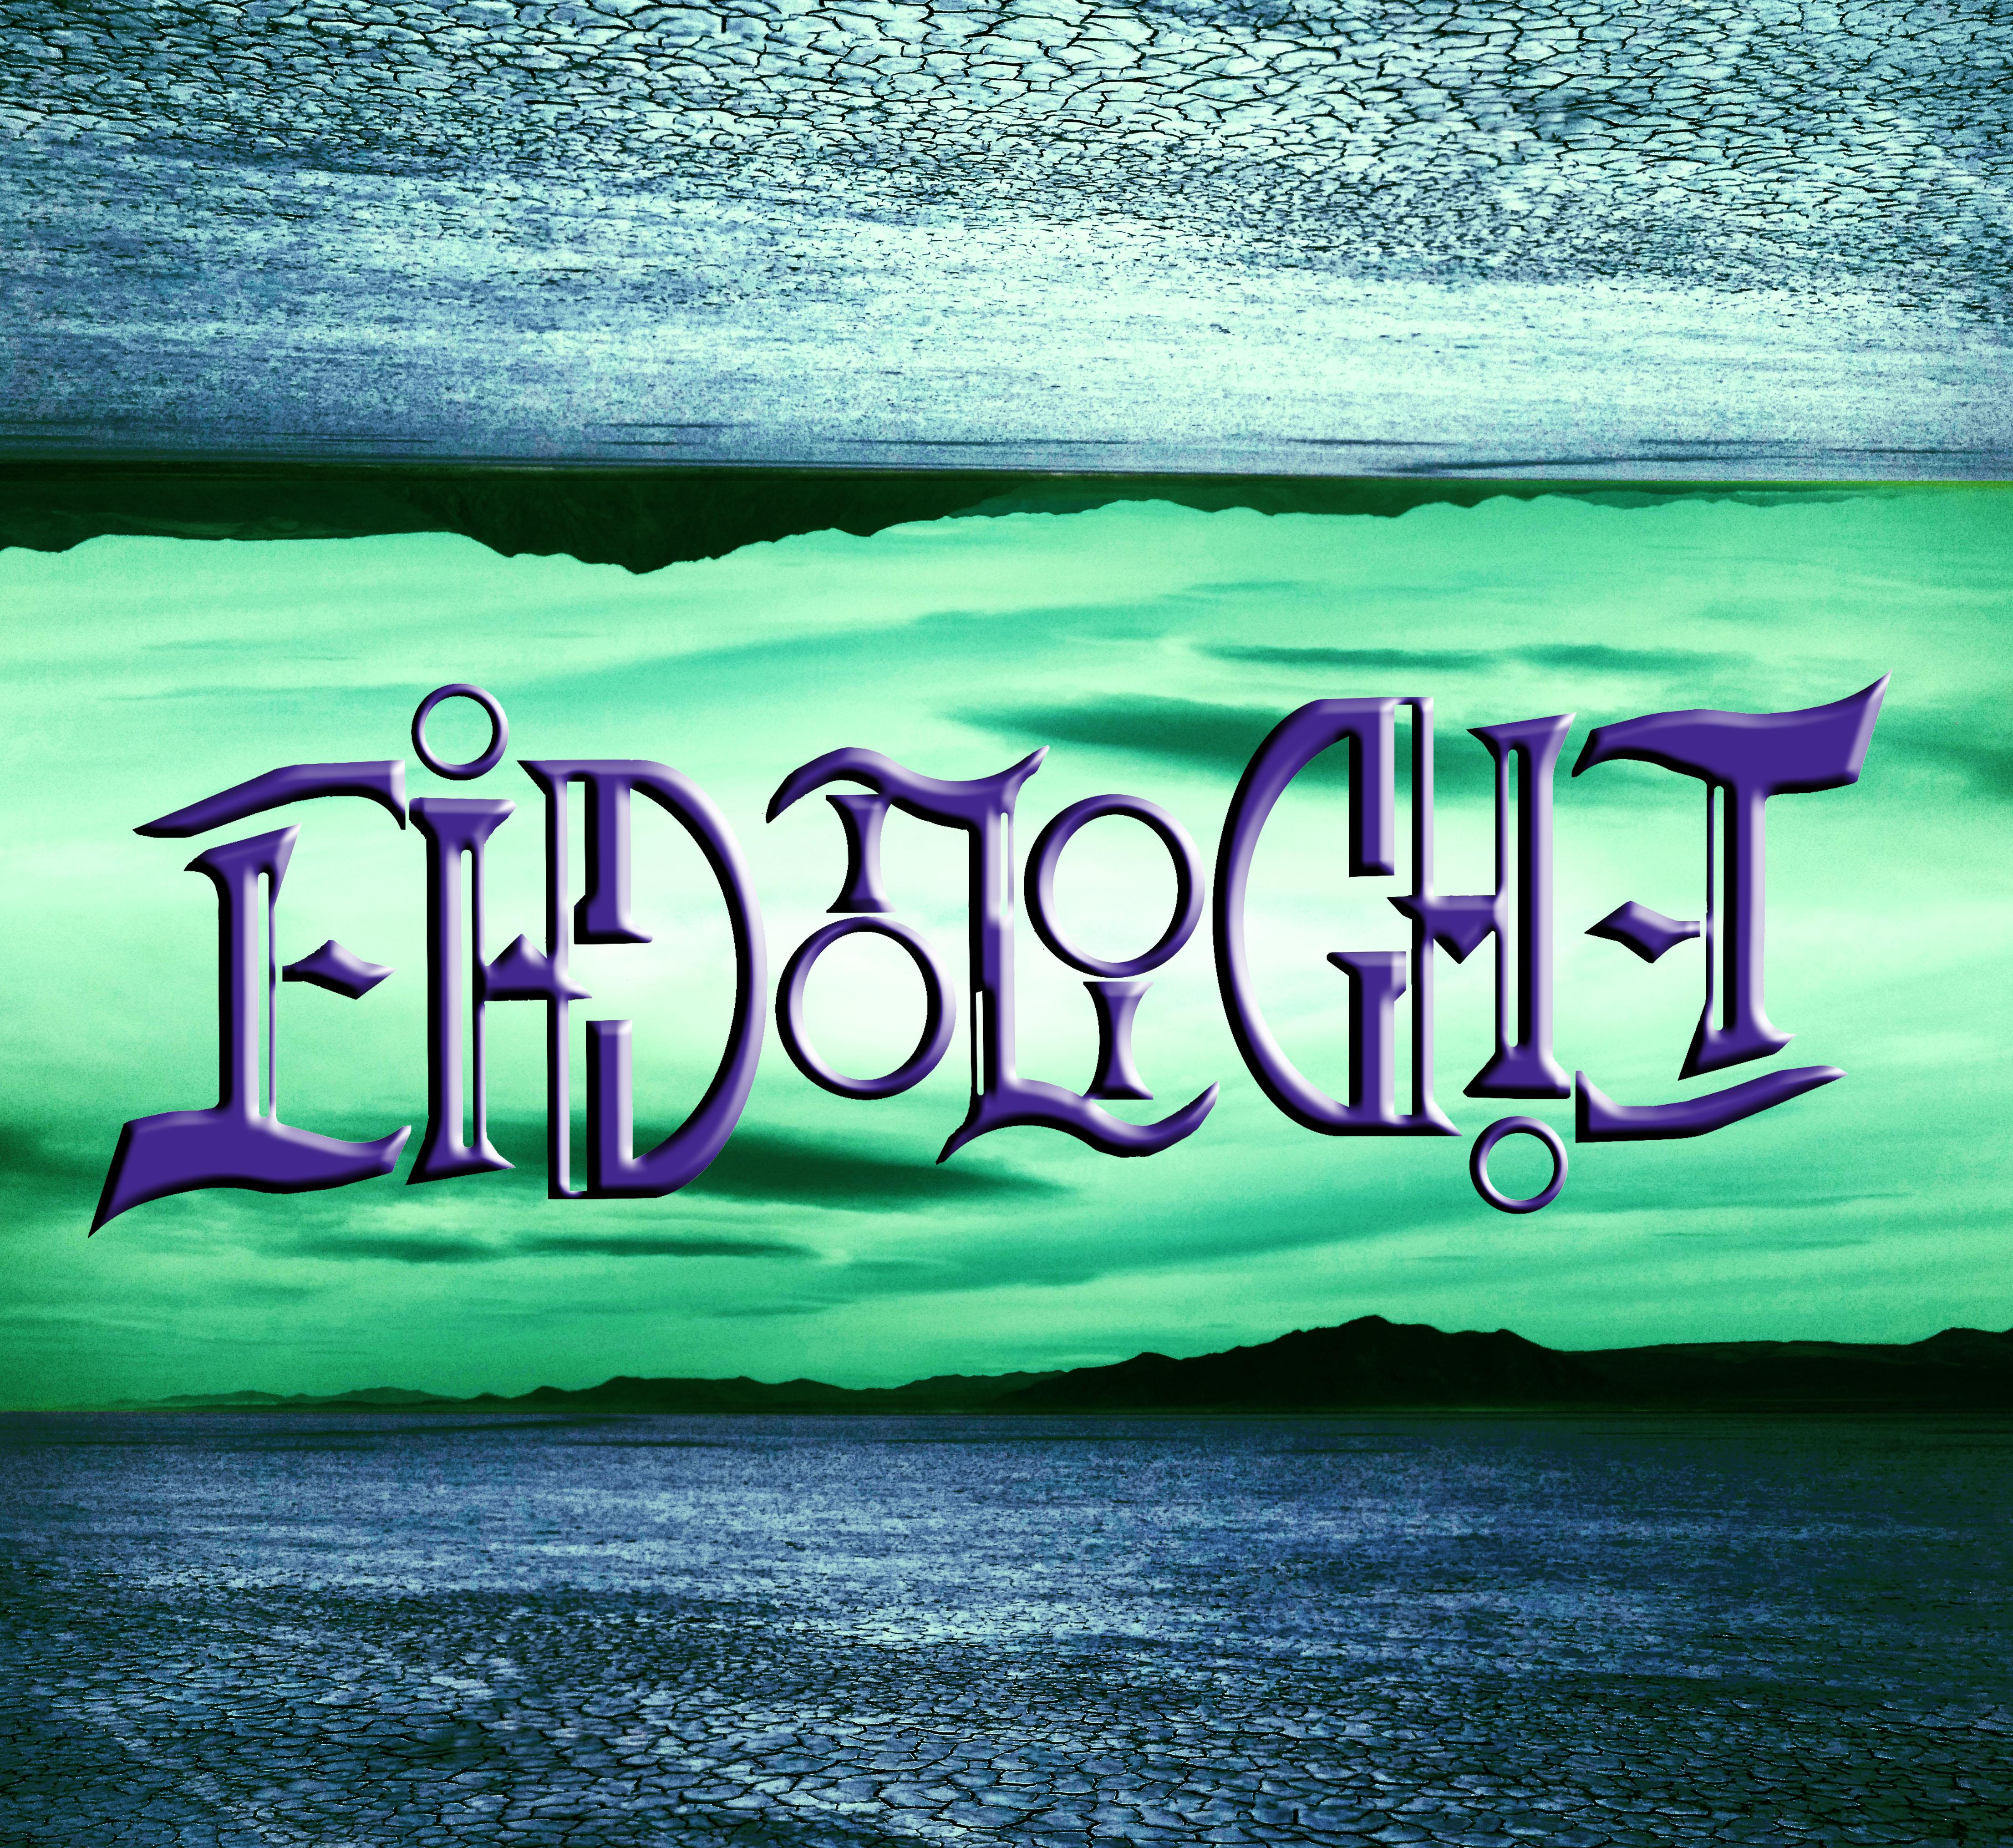 Eidolight